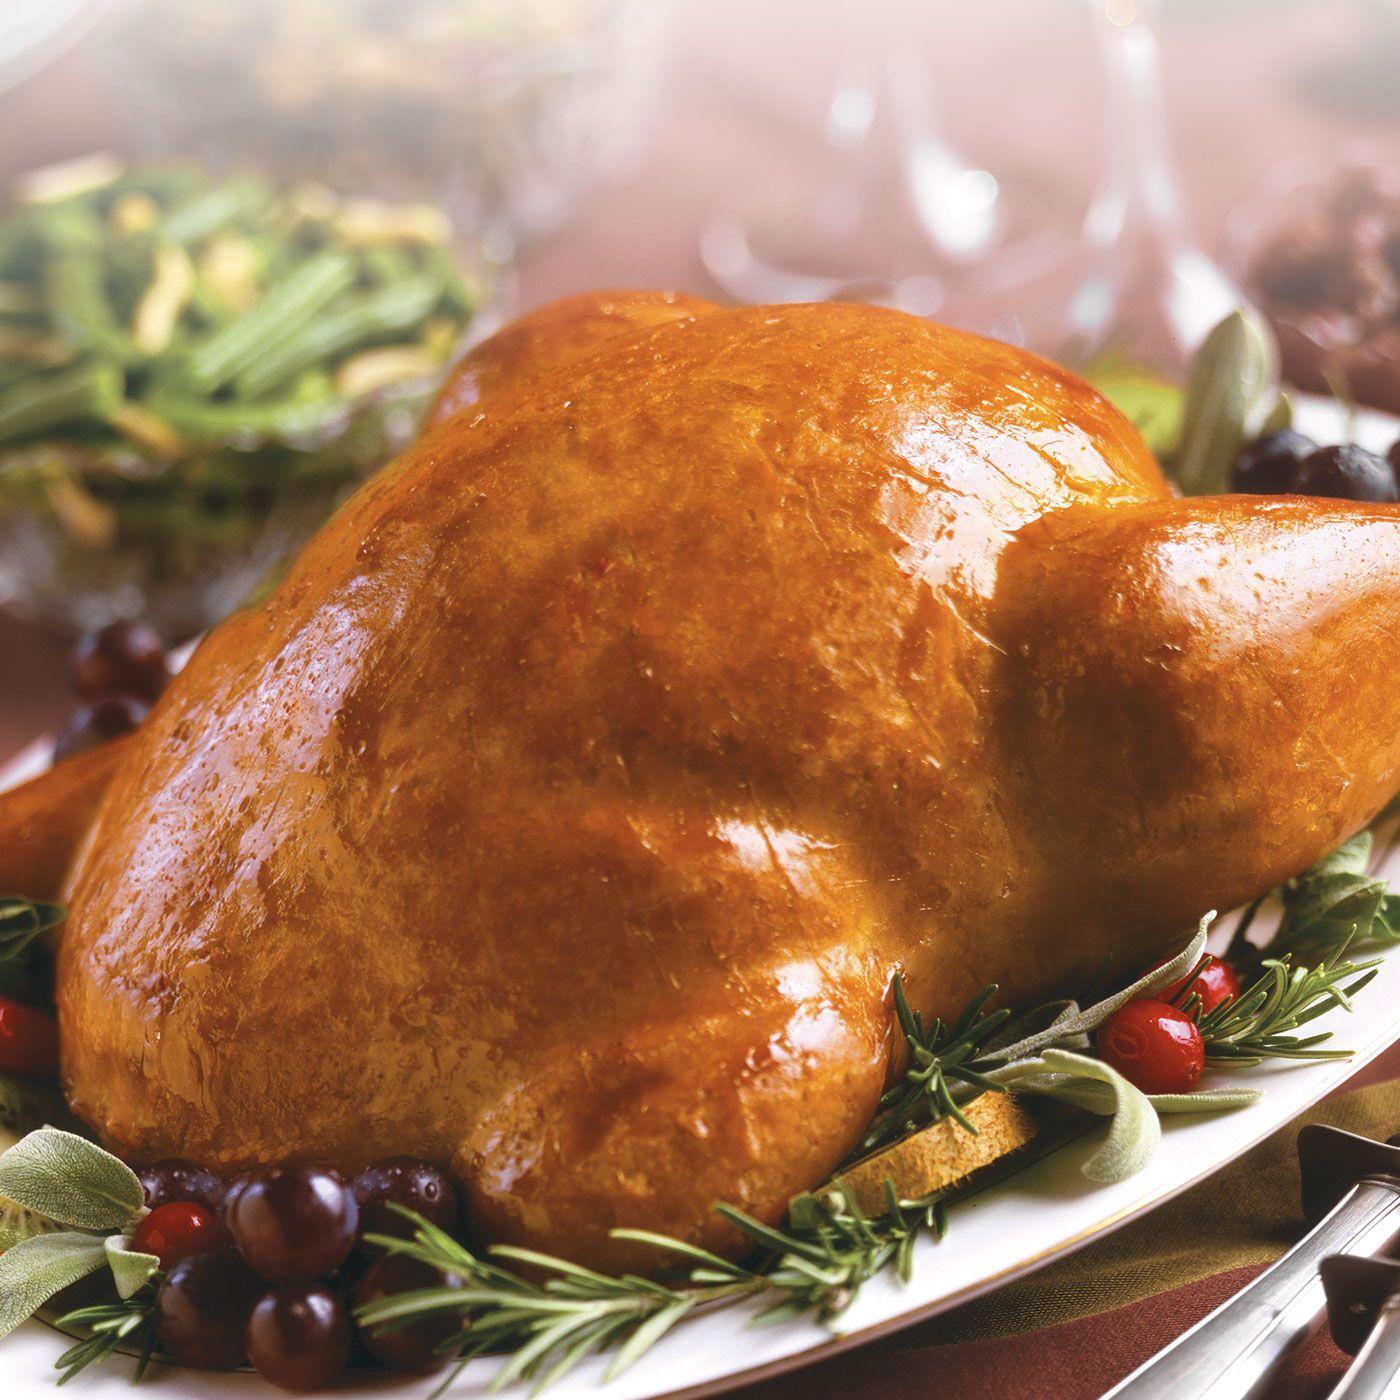 Vegan Whole Turkey in 2020 Vegan thanksgiving, Vegan